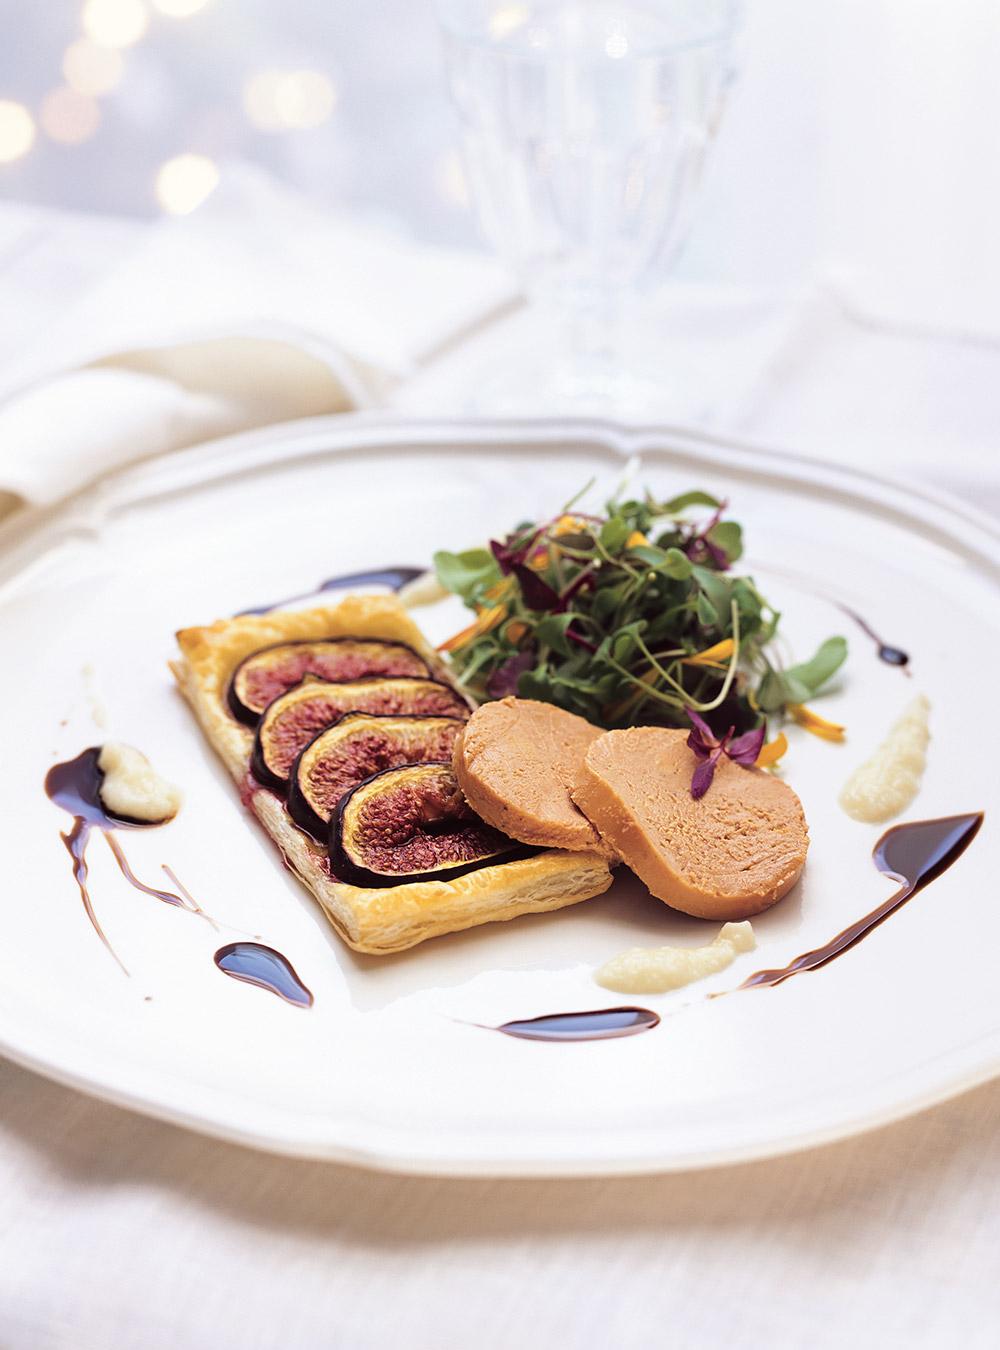 Tartes fines aux figues et au foie gras | ricardo